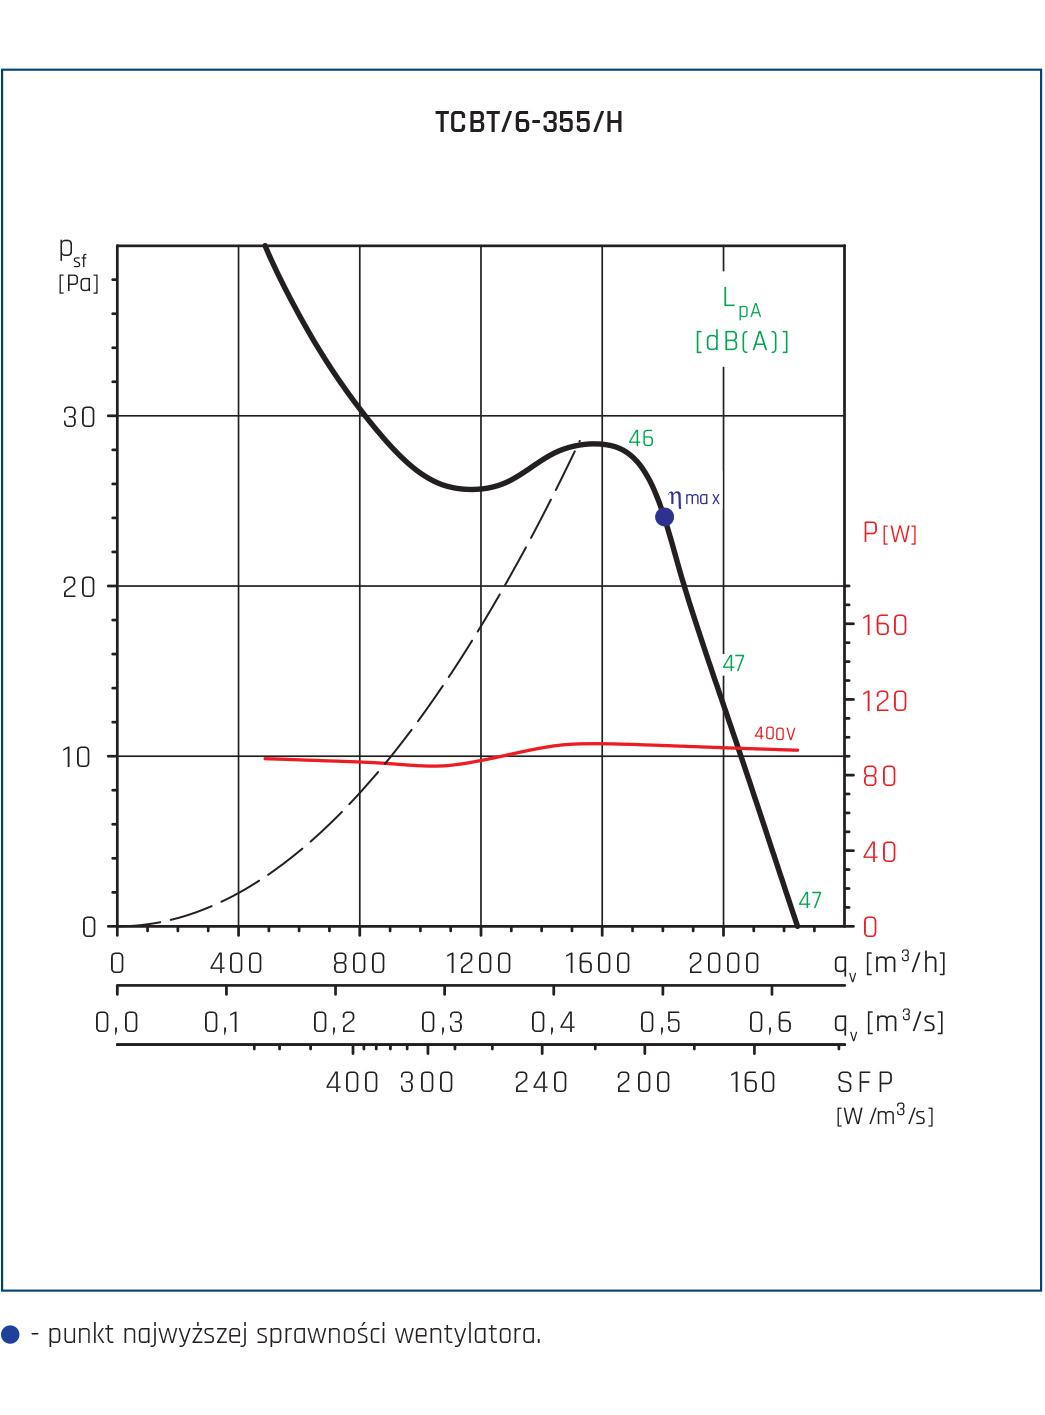 Wentylator Compact TCBB/TCBT 72